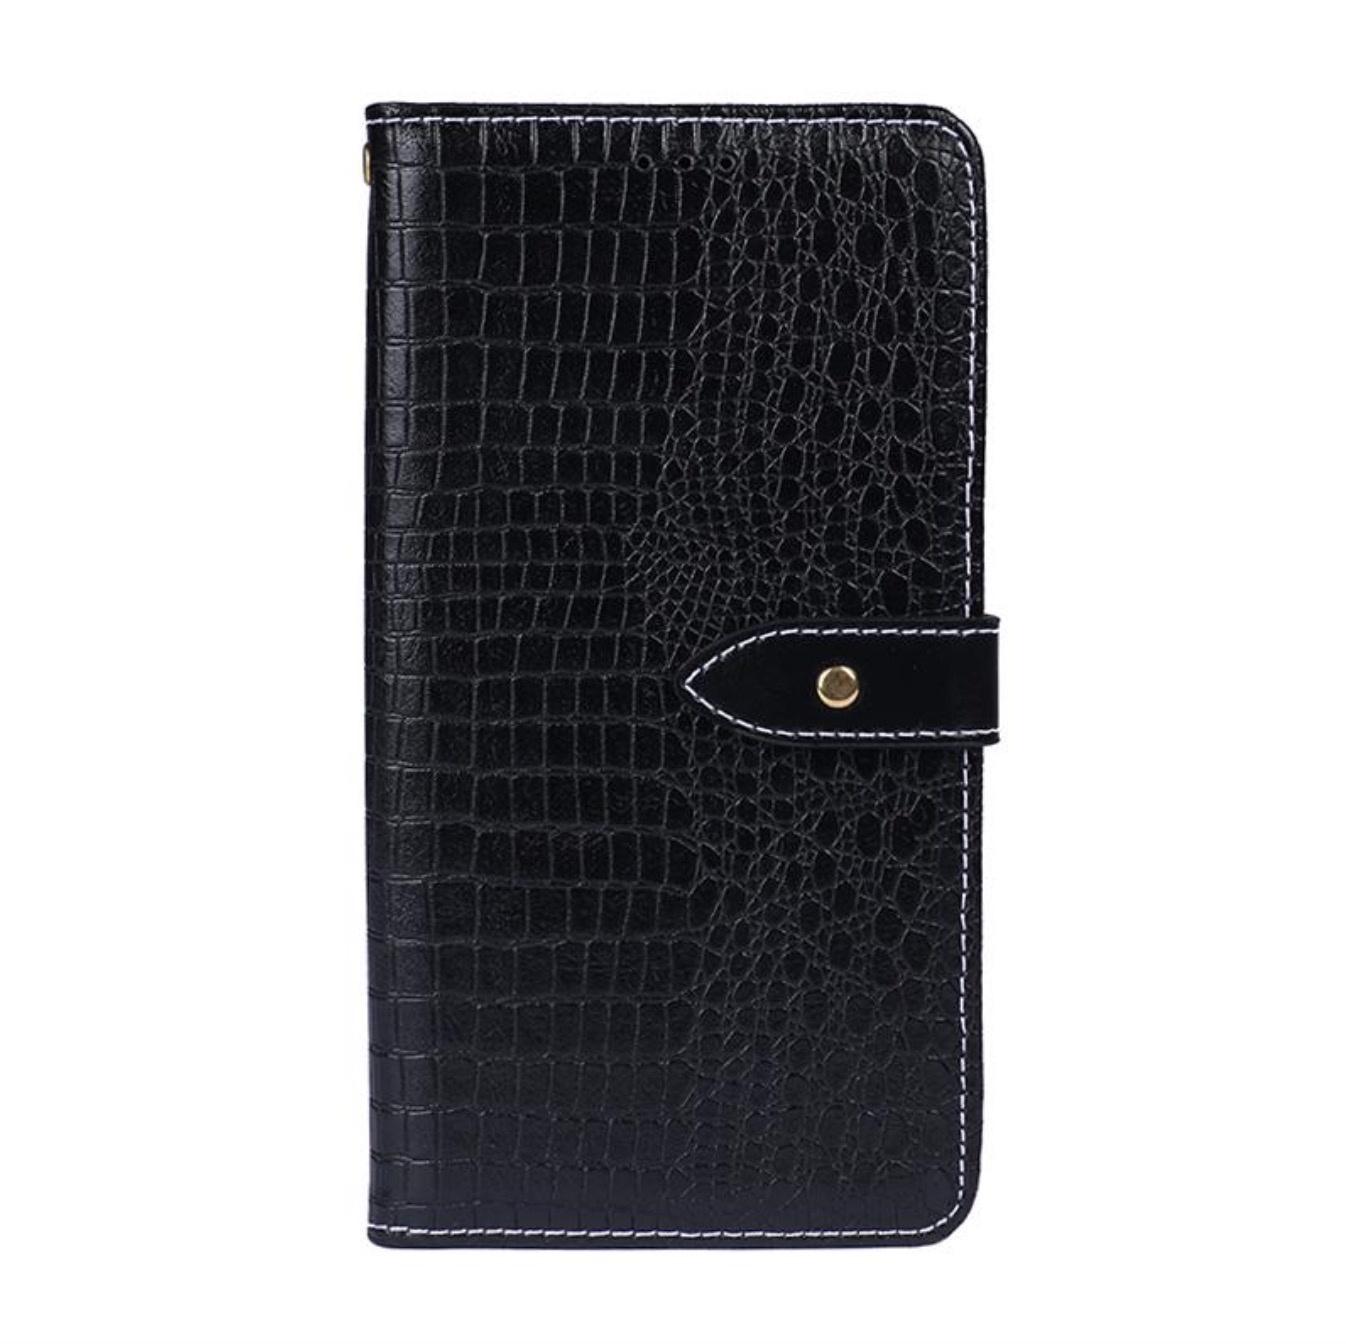 Чехол-книжка MyPads для Samsung Galaxy J2 Core SM-J260F с фактурной прошивкой рельефа кожи крокодила с застежкой и визитницей черный смартфон samsung galaxy j2 core sm j260f черный